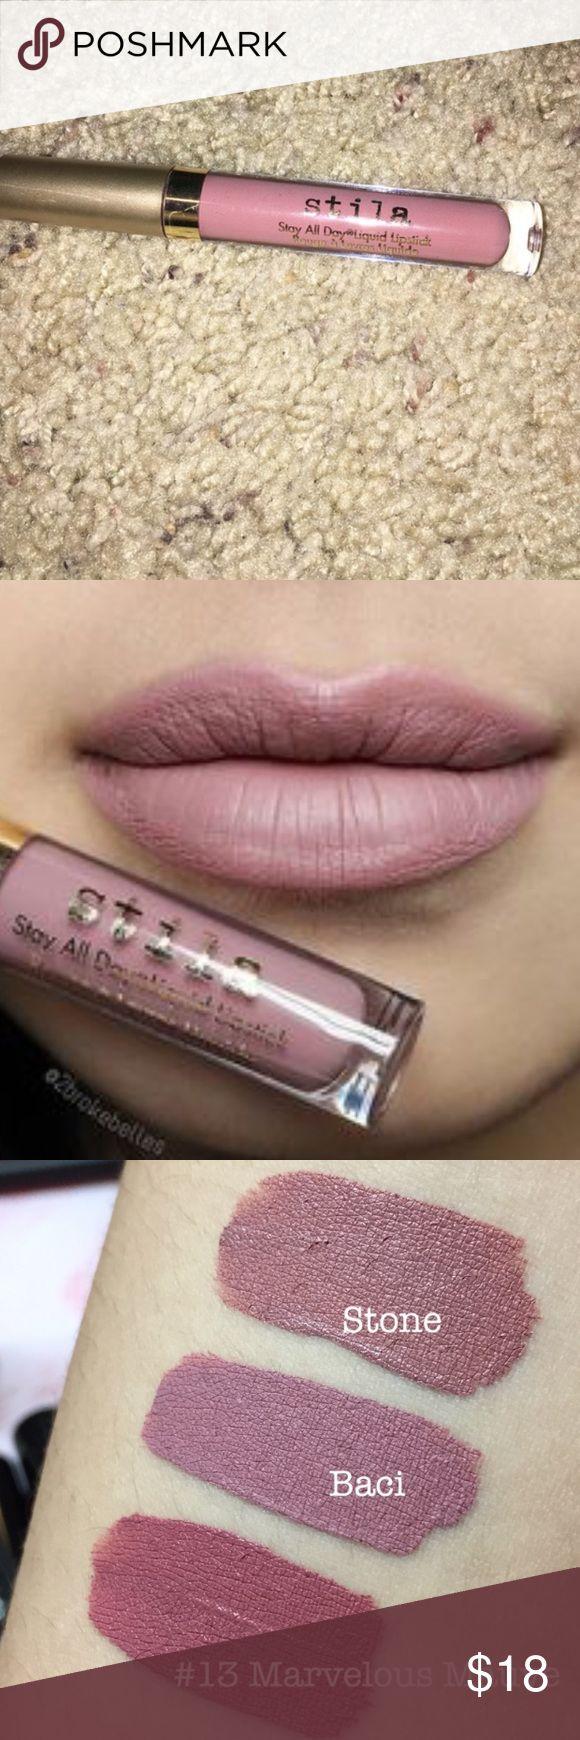 Stila baci lip gloss No box. Lightly swatched. Just not a fan of Matt lips Stila Makeup Lip Balm & Gloss